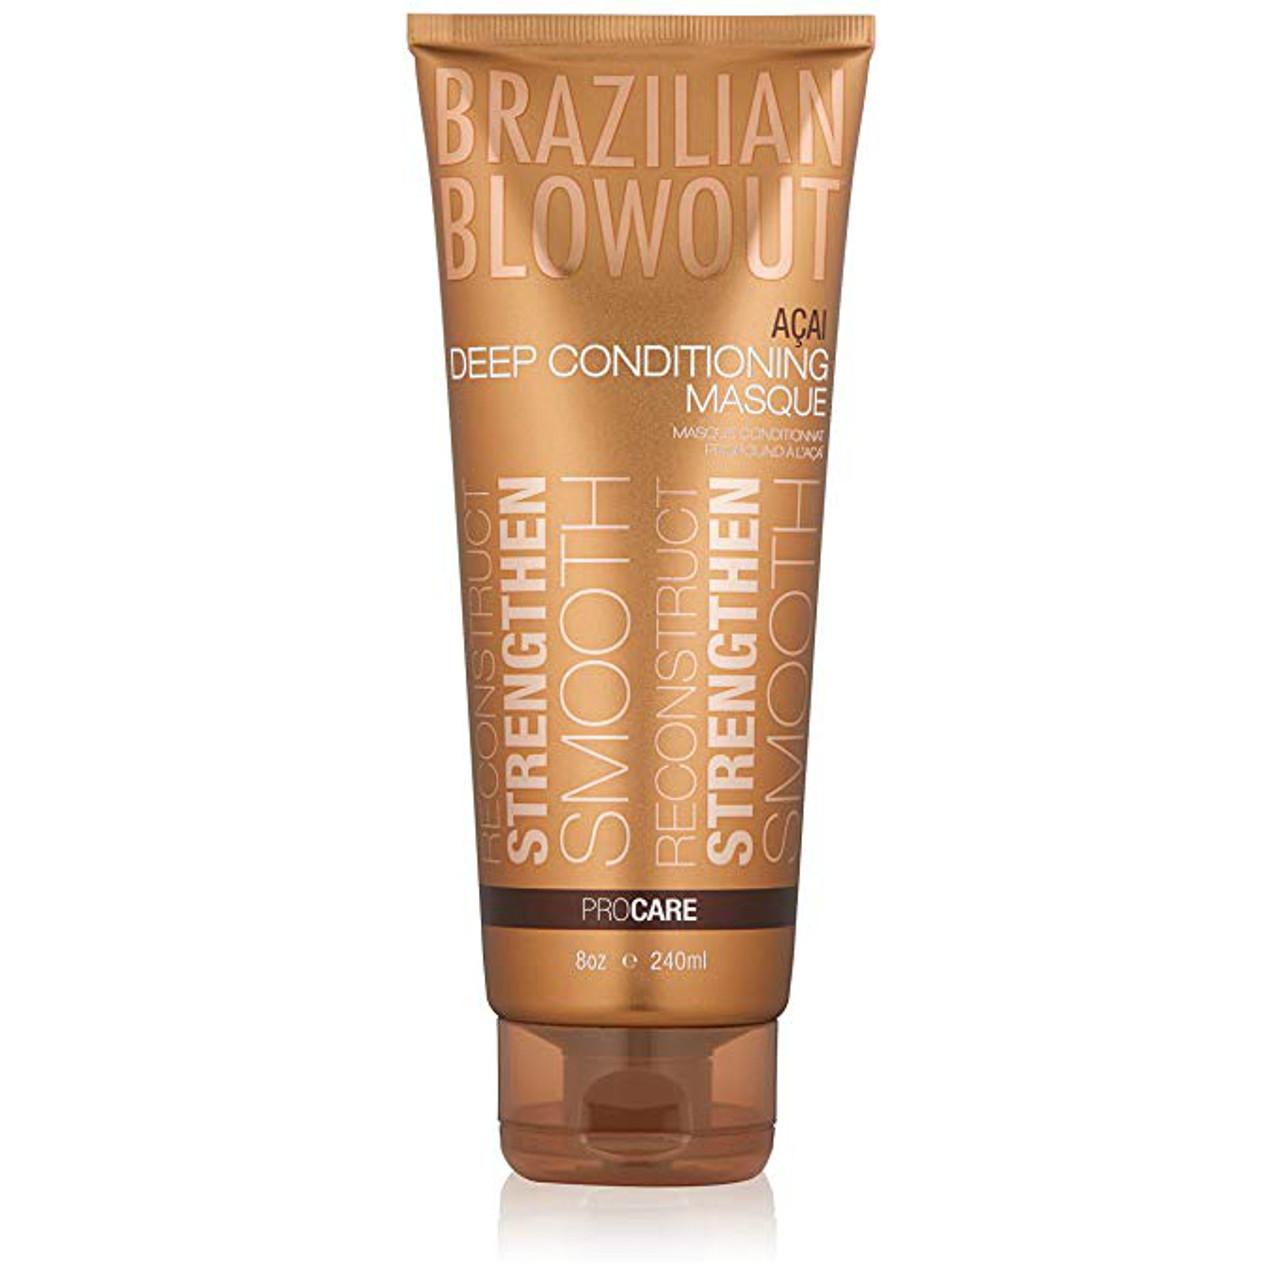 Brazilian Blowout Deep Conditioning Masque 8 oz